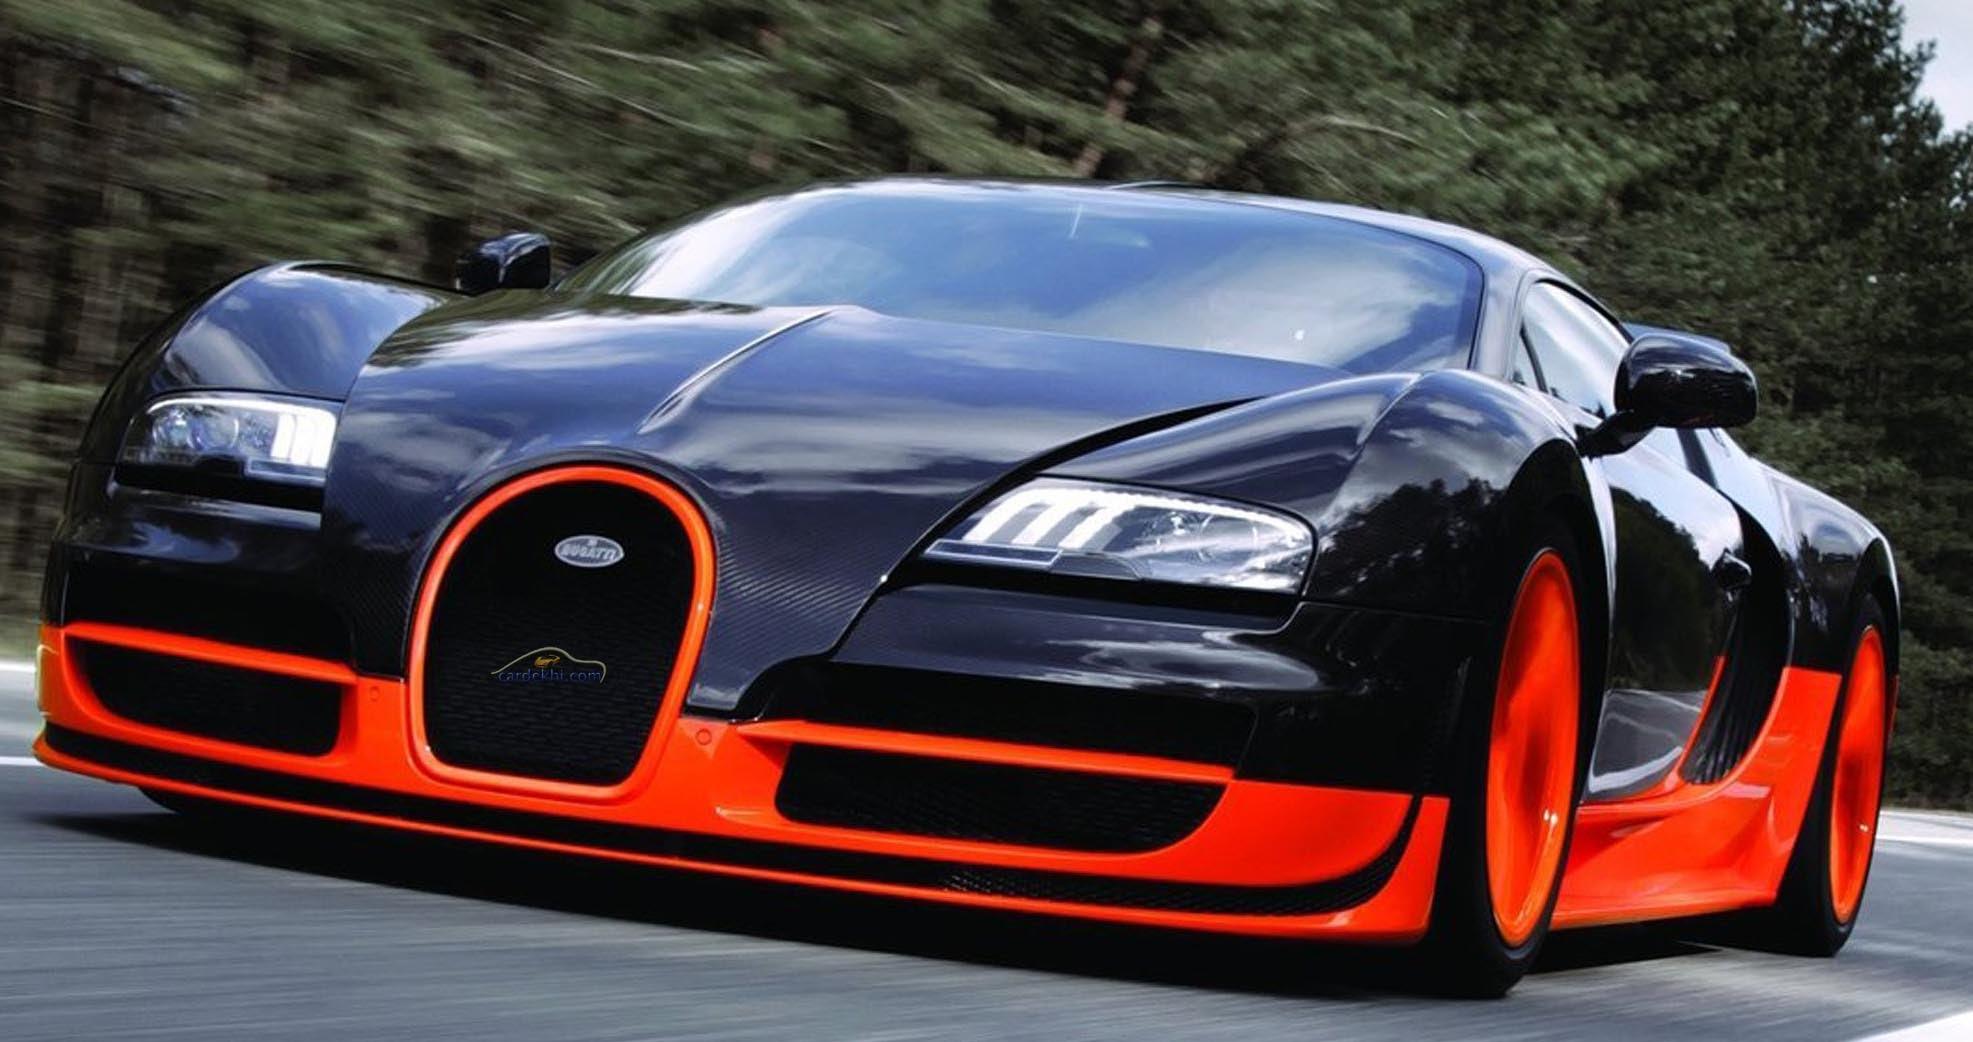 صور احسن سيارة في العالم , متع فكرك بالمعرفه